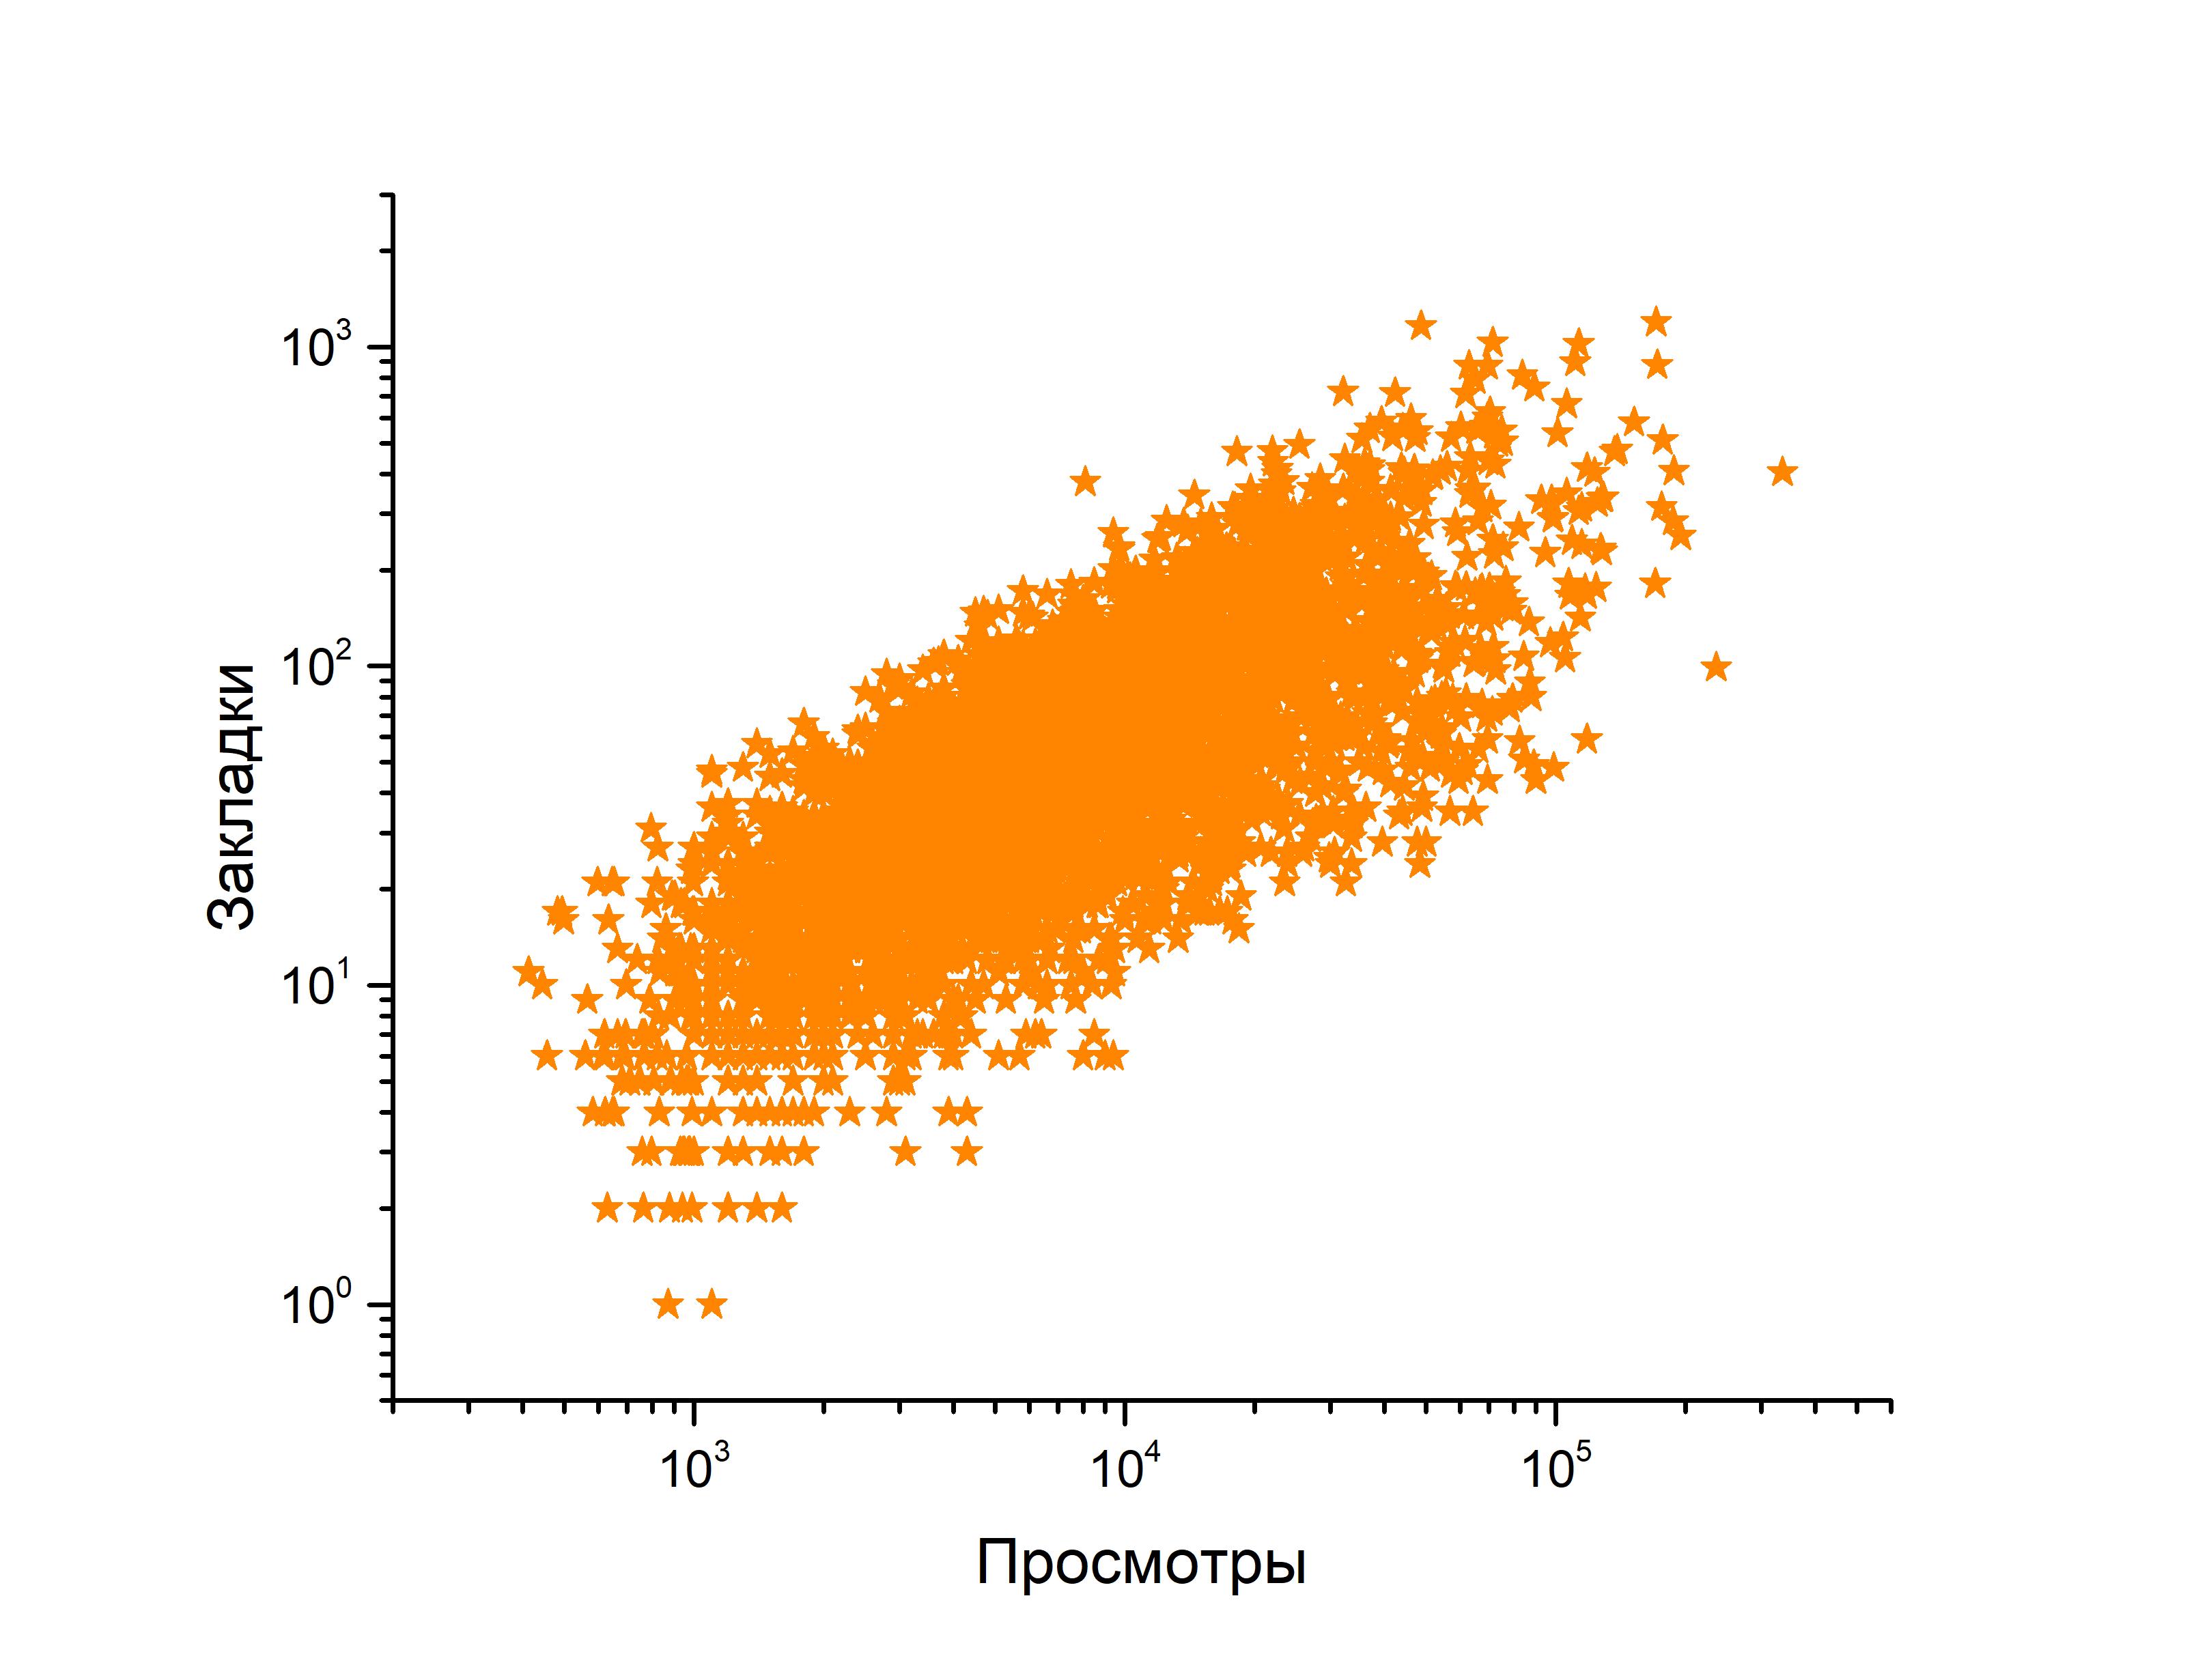 Хабра-анализ: важна ли длина публикации? - 9